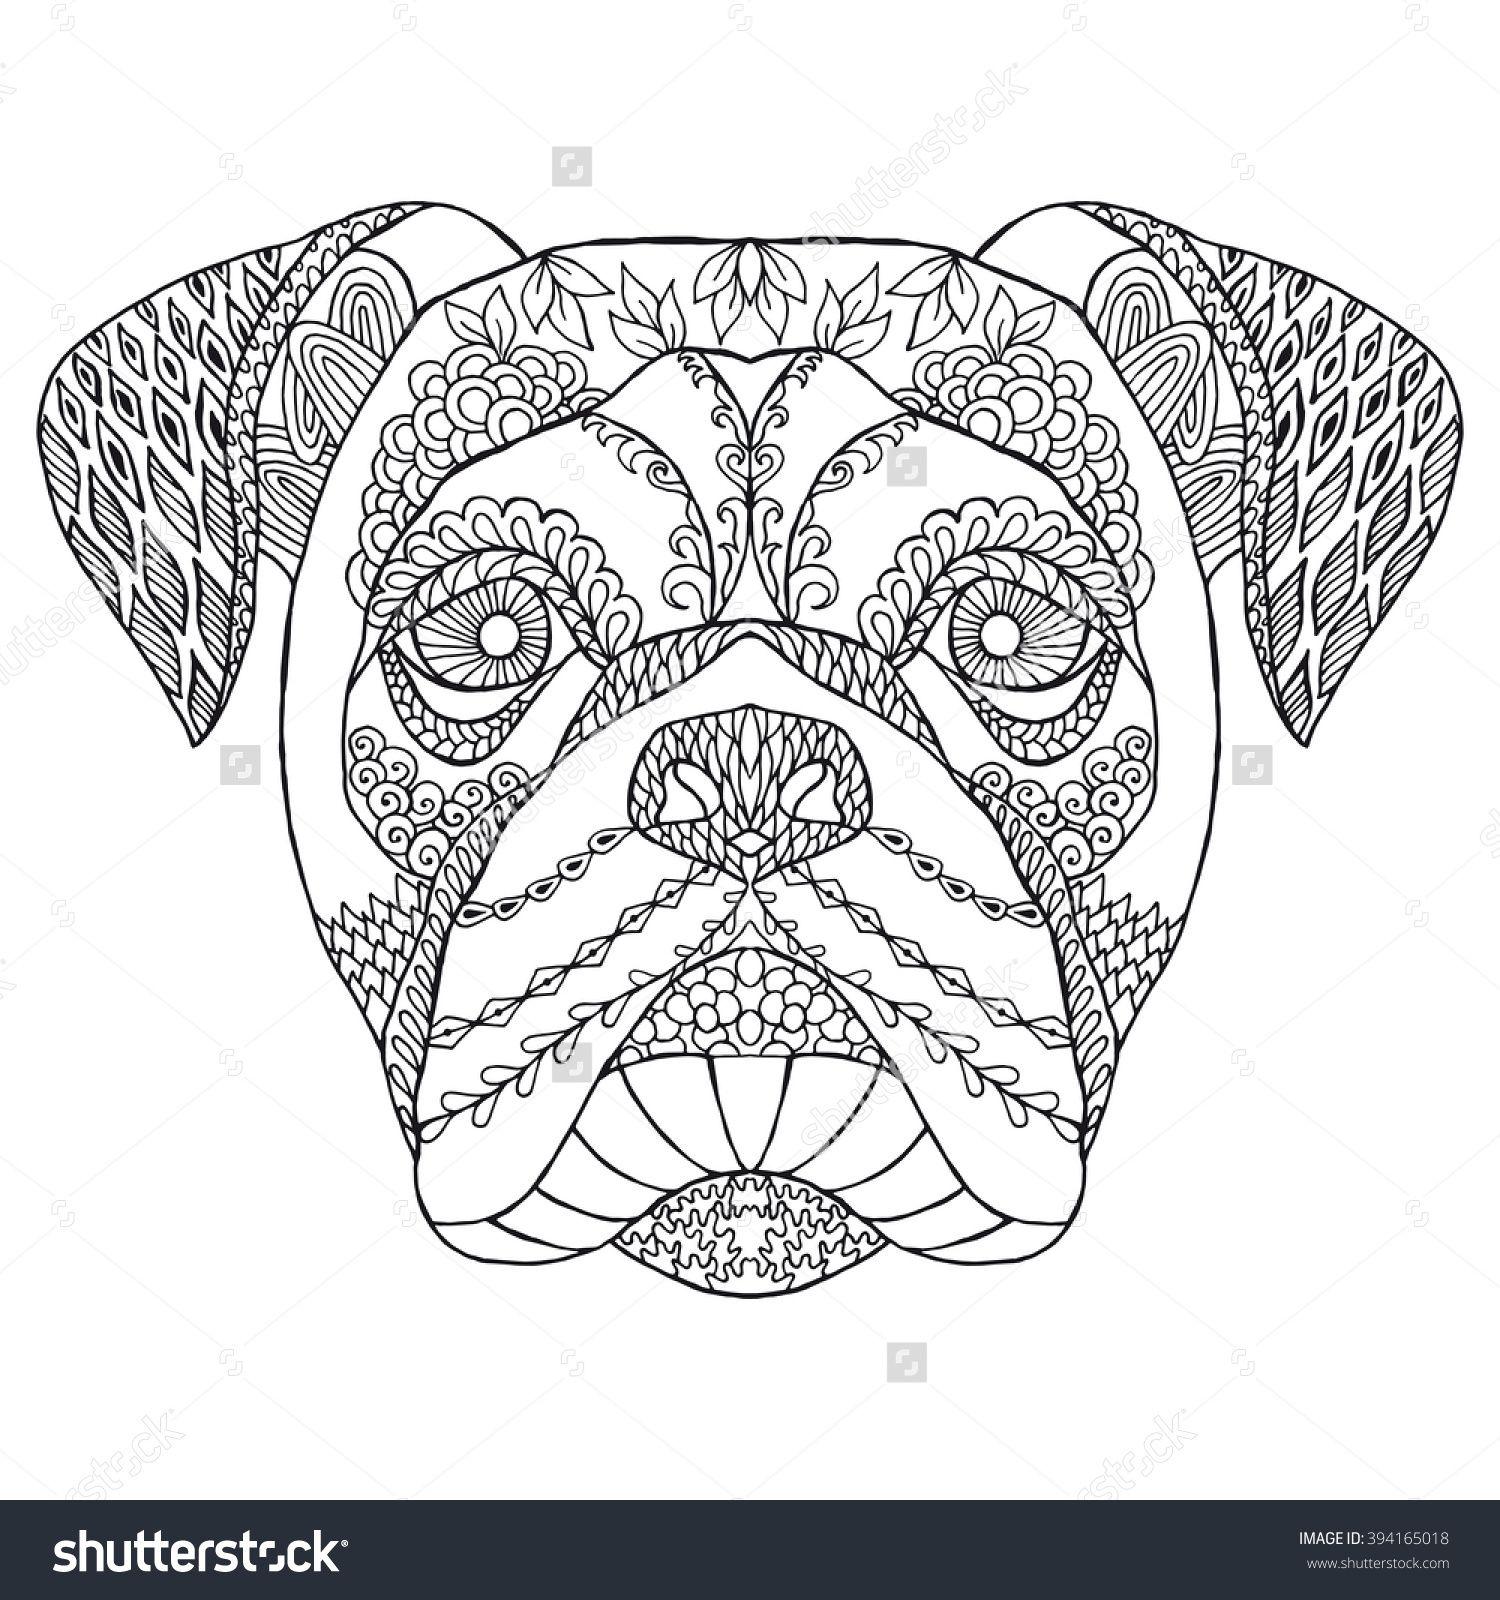 Zentangle Stylized Doodle Vector American Bulldog Head